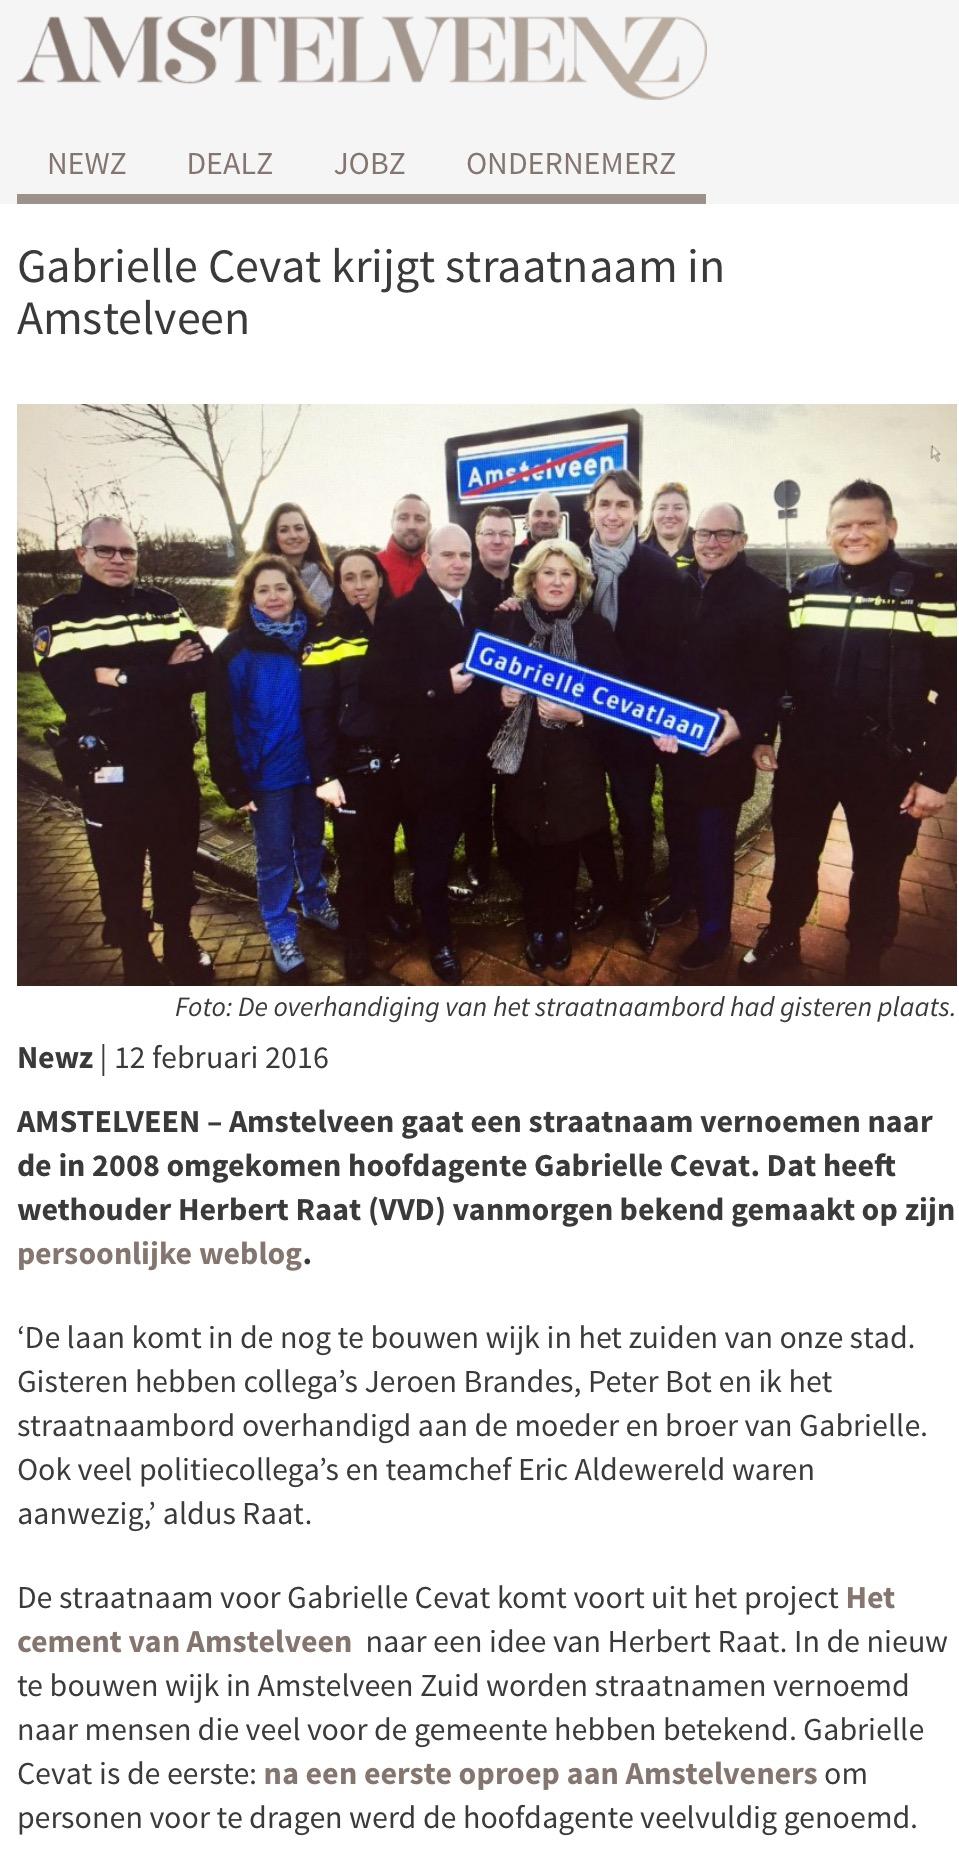 2016-12 -februari AmstelveenZ; Herbert Raat over straatnaam voor Gabrielle Cevat